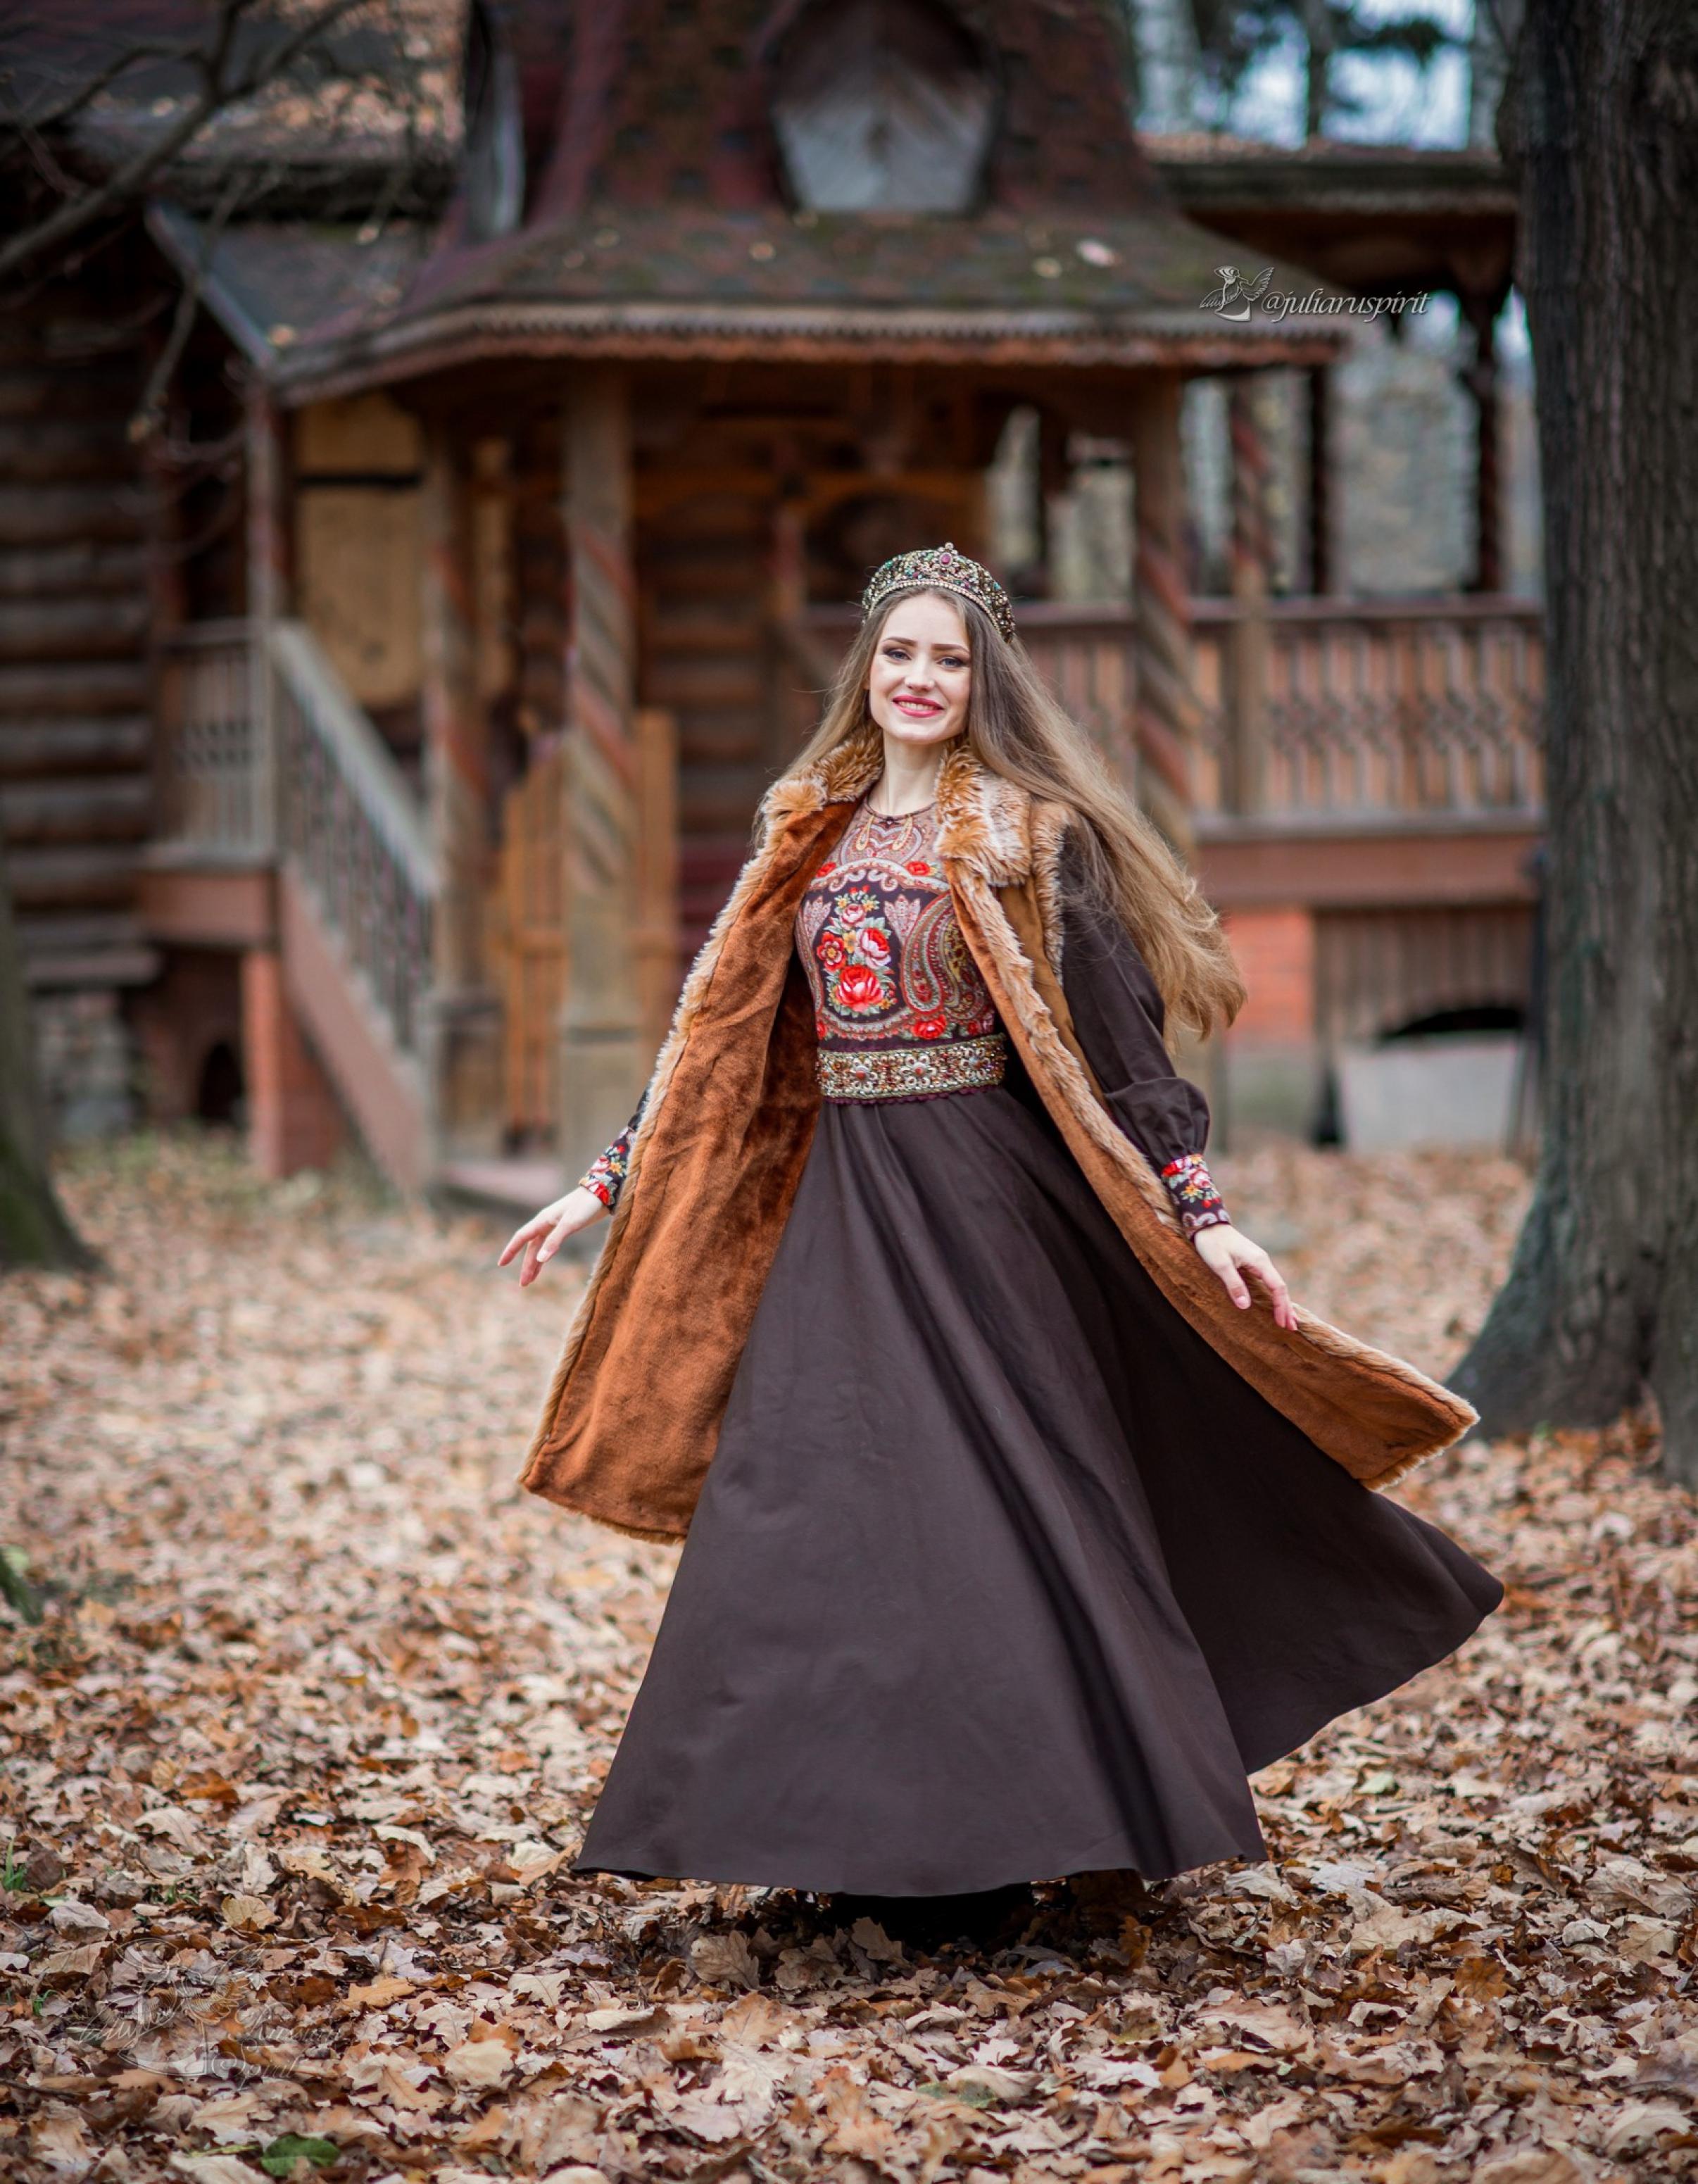 Девушка в коричневом платье в русском стиле и в меховой жилетке на фоне терема